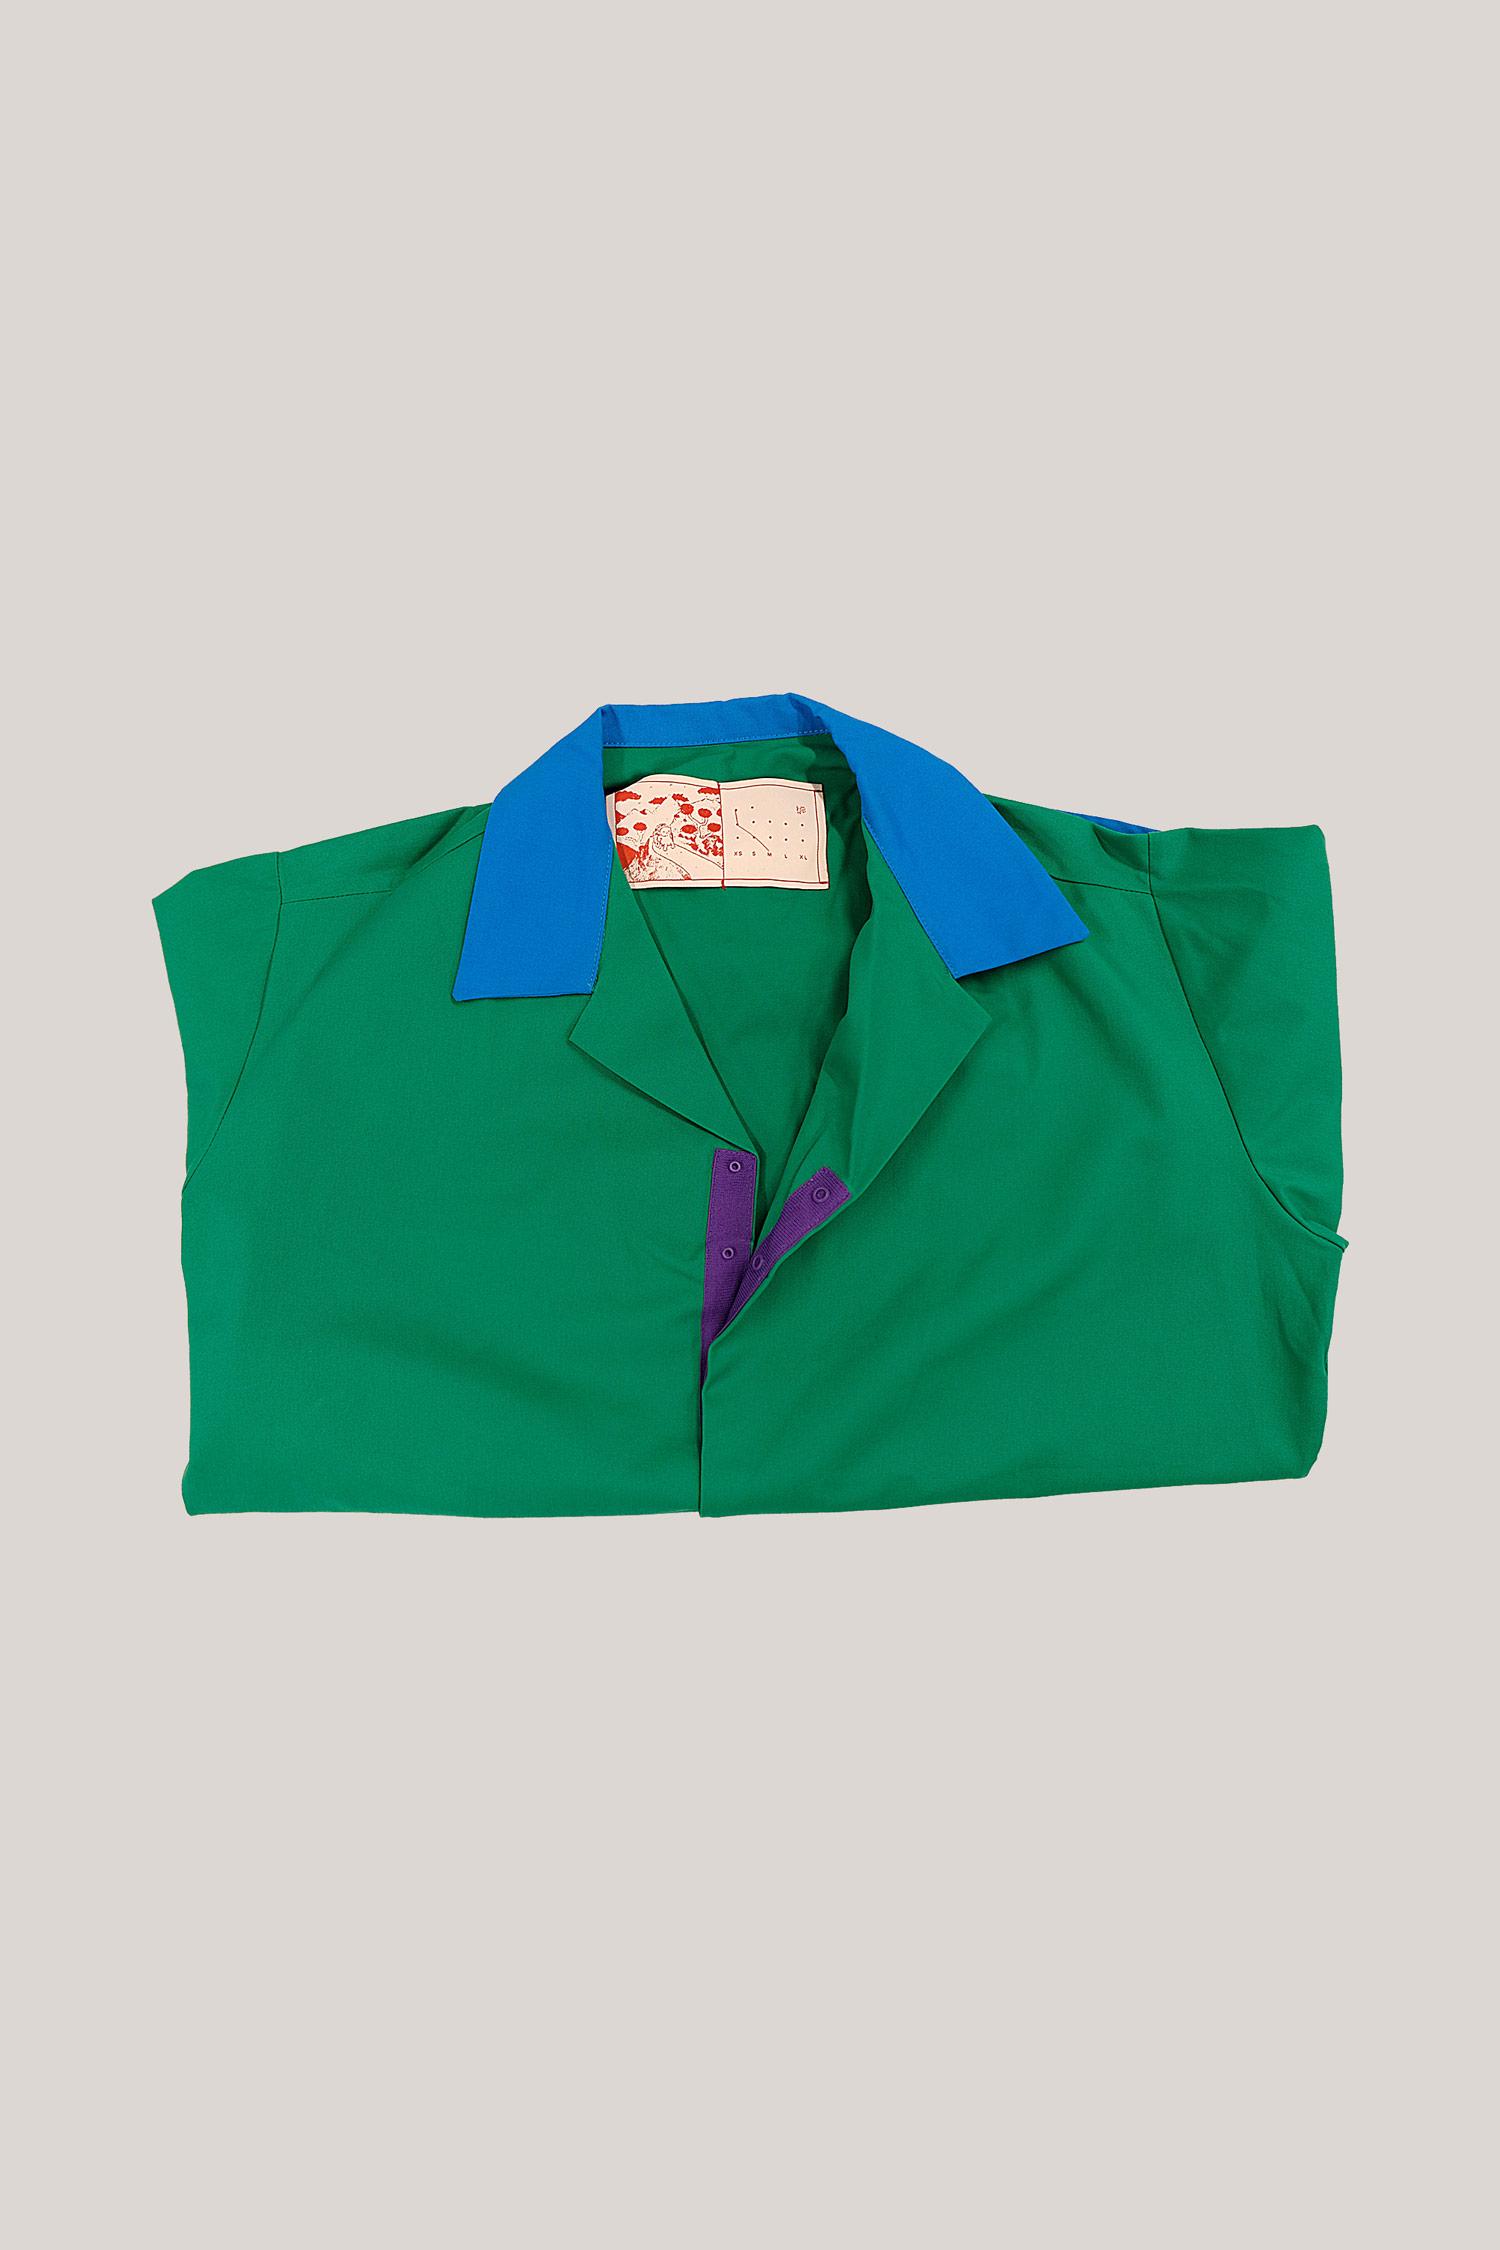 33-Duo-Shirt-1-3